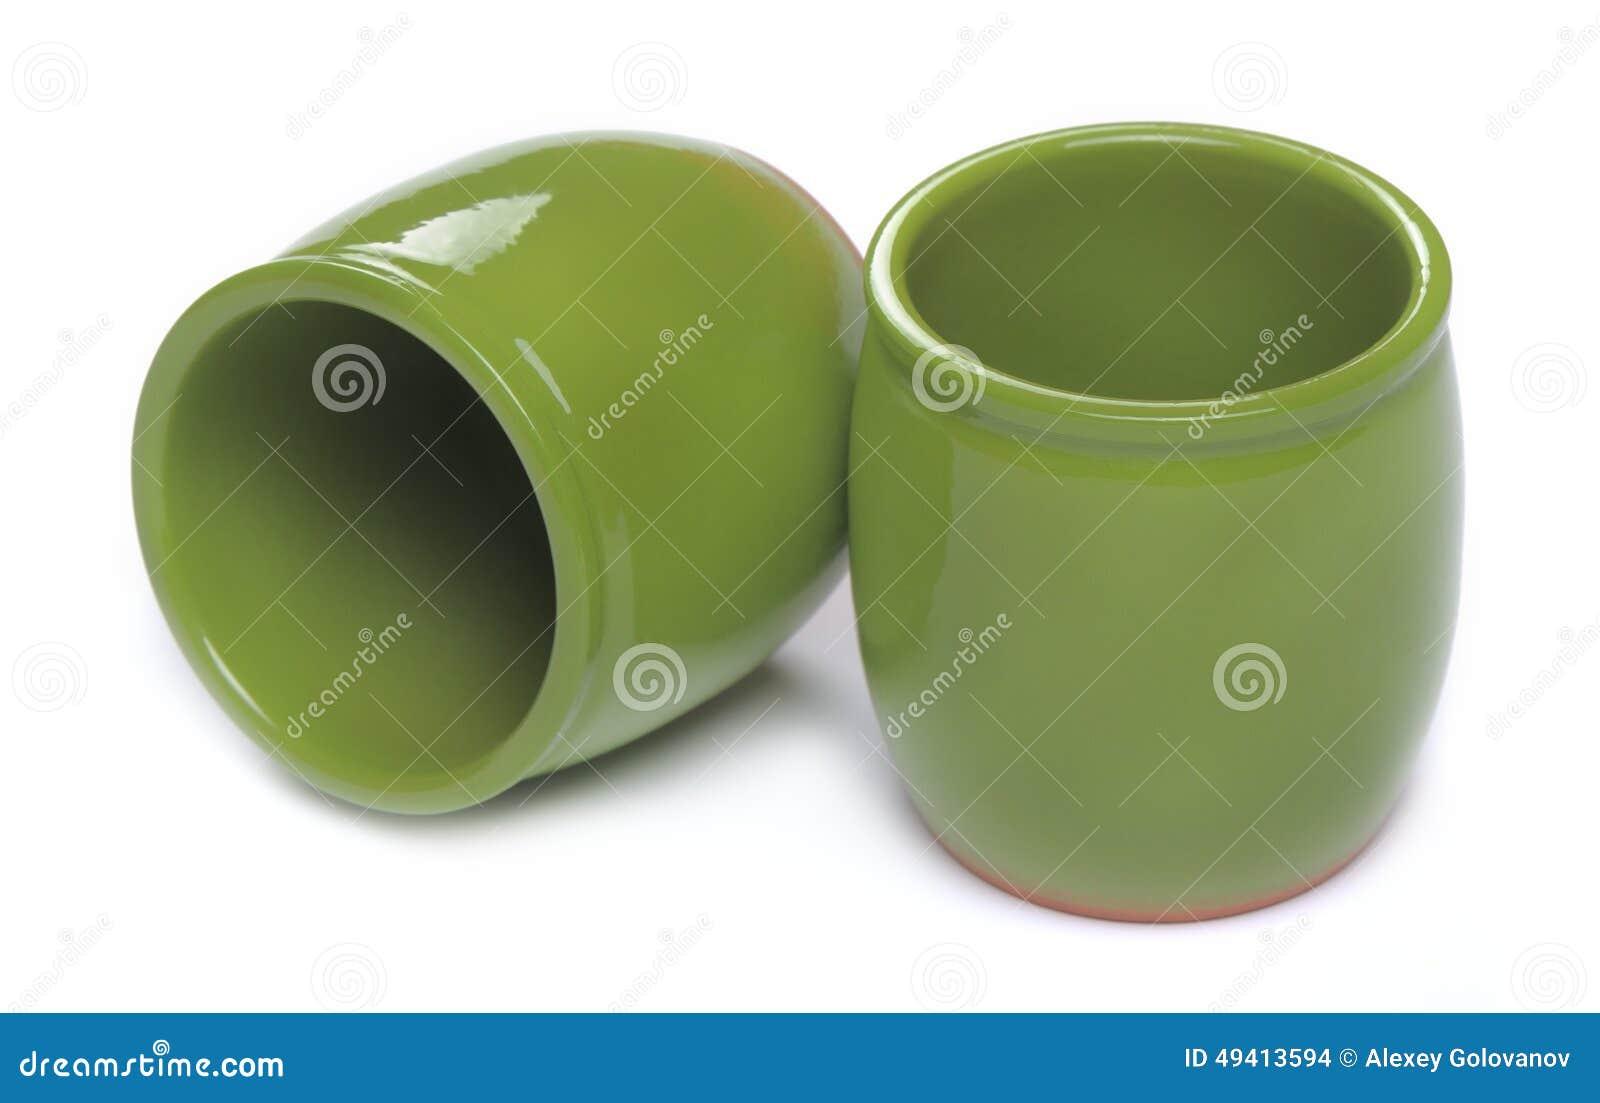 Download Zwei Grüne Keramische Gläser Stockfoto - Bild von zwei, querneigungen: 49413594